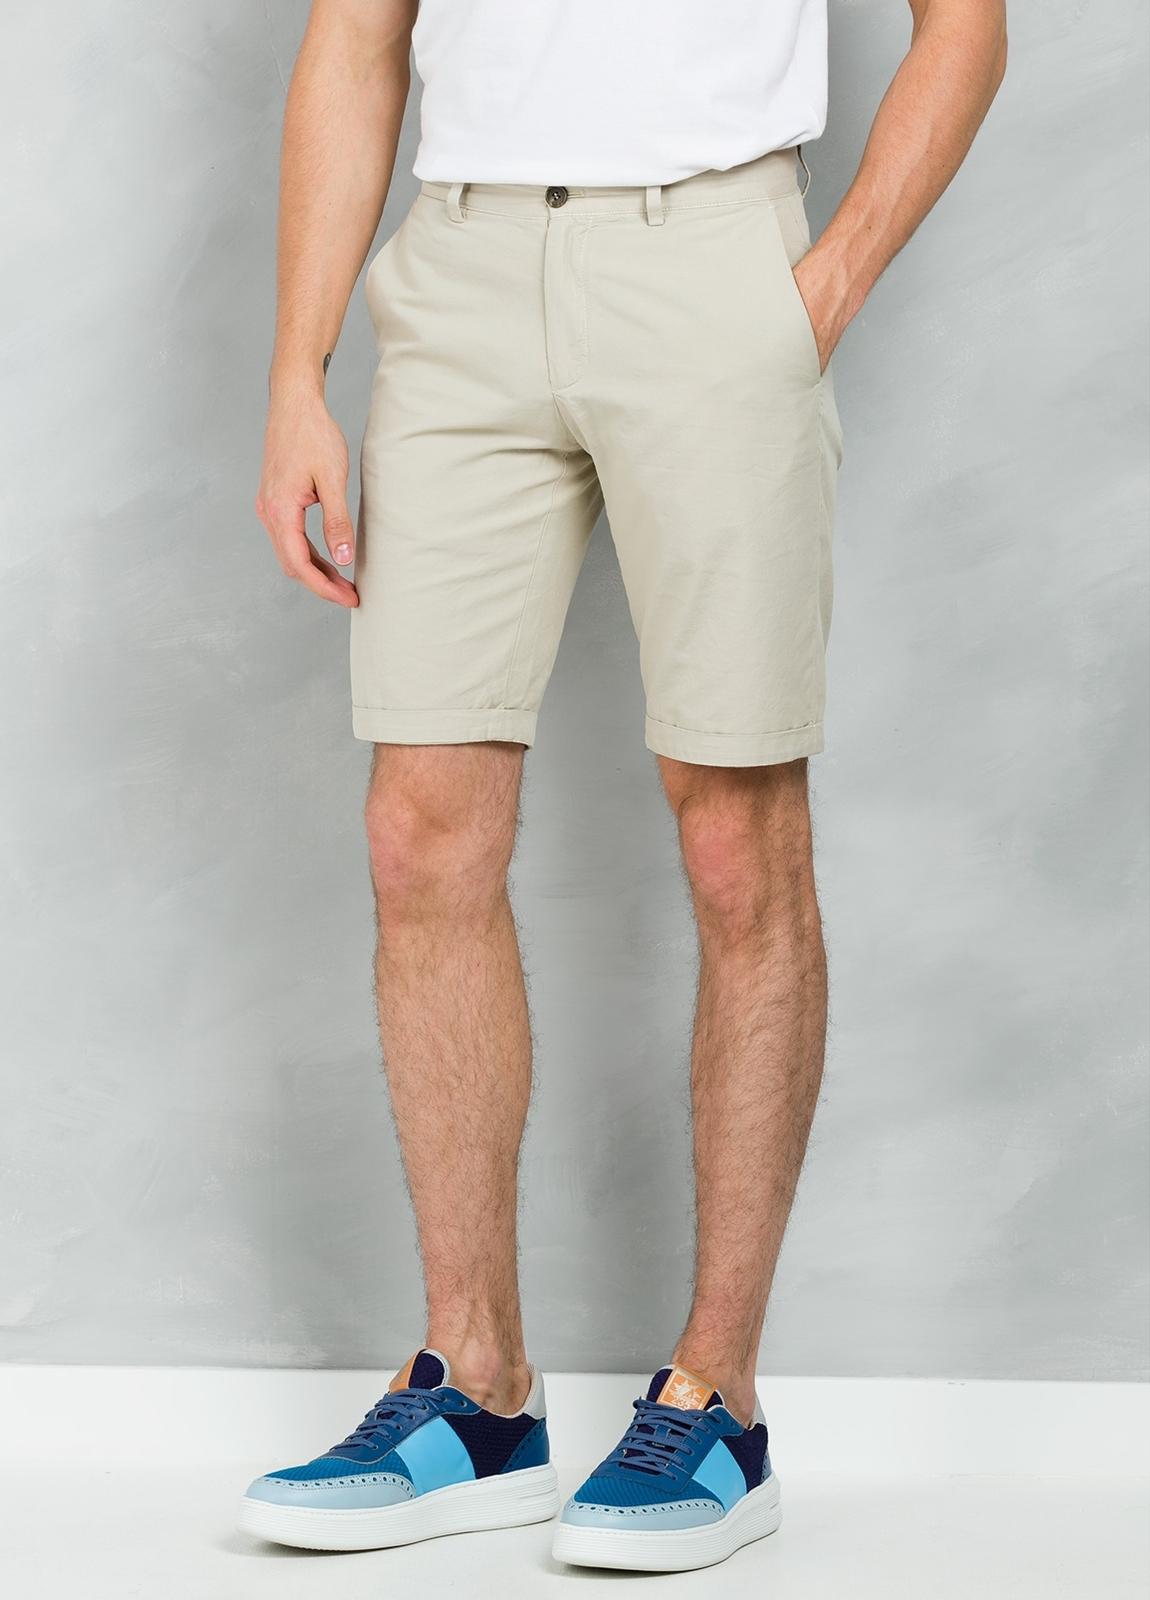 Short Furest Casual Wear color beige, 100% Algodón.